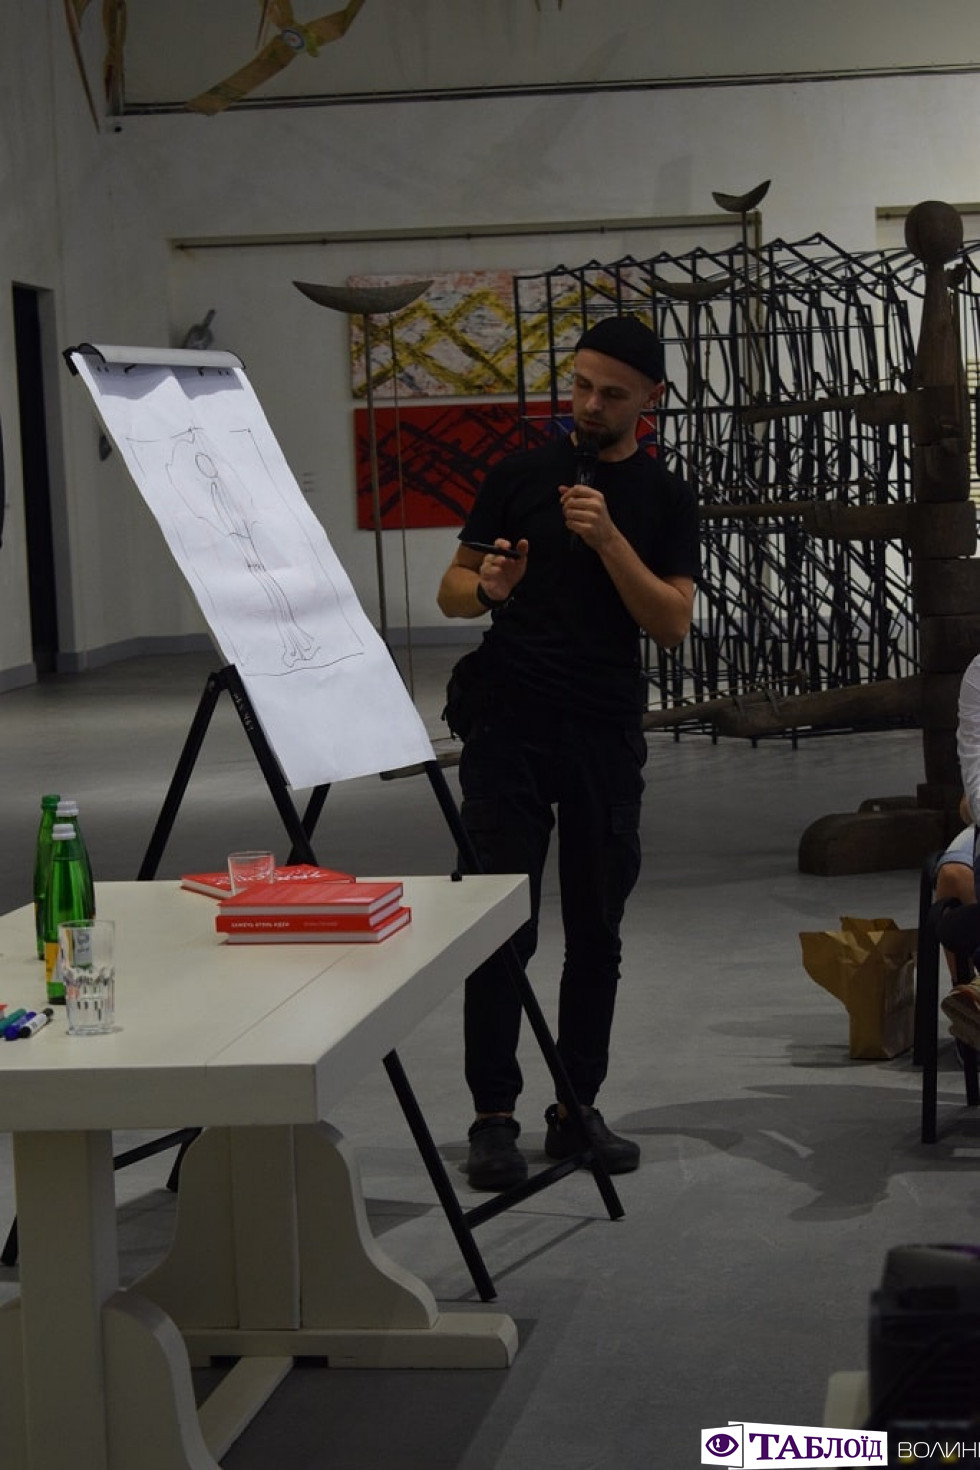 Бізнес та мистецтво: у Музеї Корсаків розповіли, як ідея компанії перетворюється на арт-об'єкт